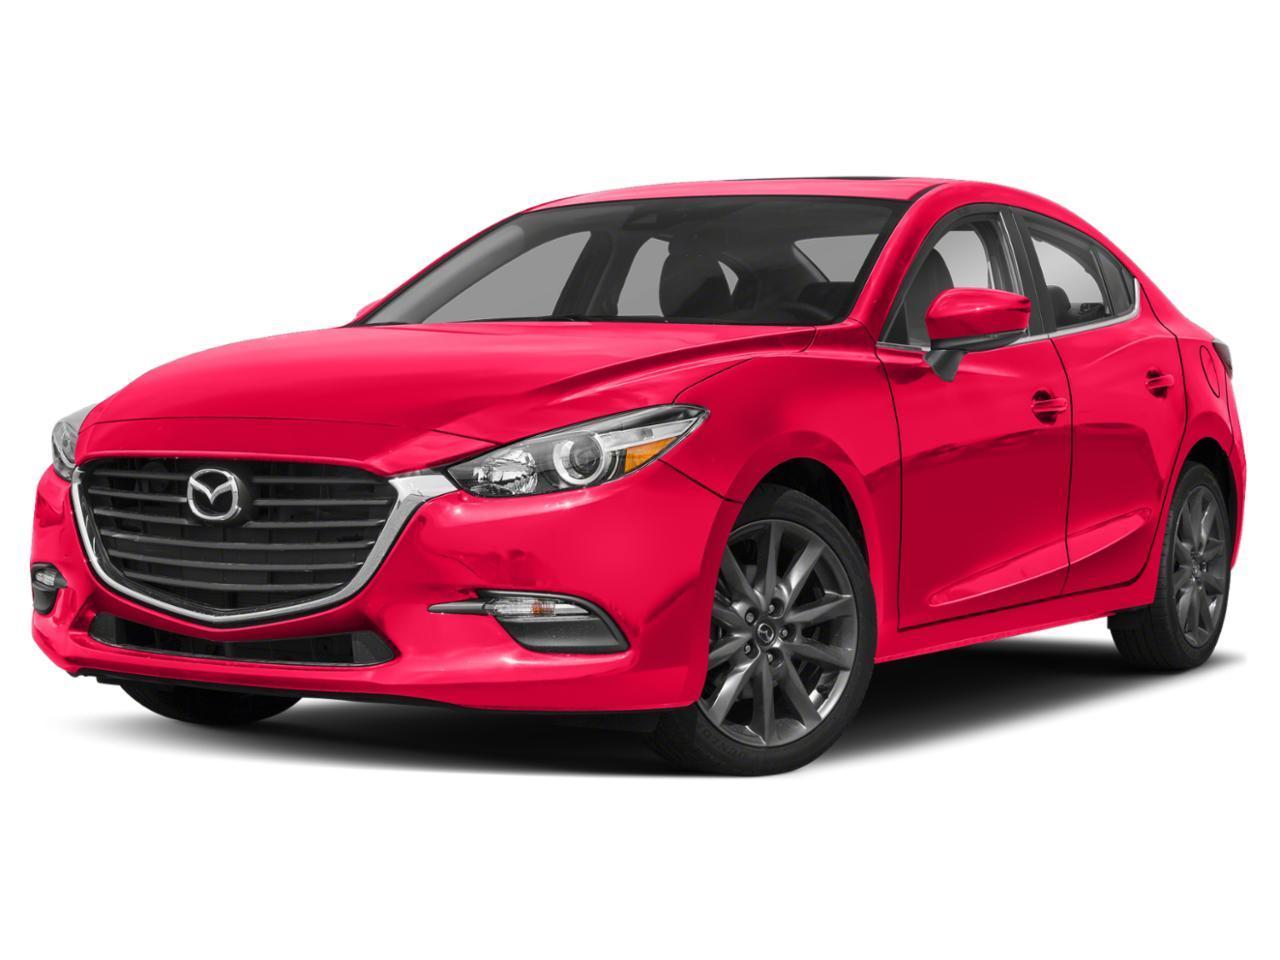 2018 Mazda Mazda3 4-Door Vehicle Photo in Appleton, WI 54913